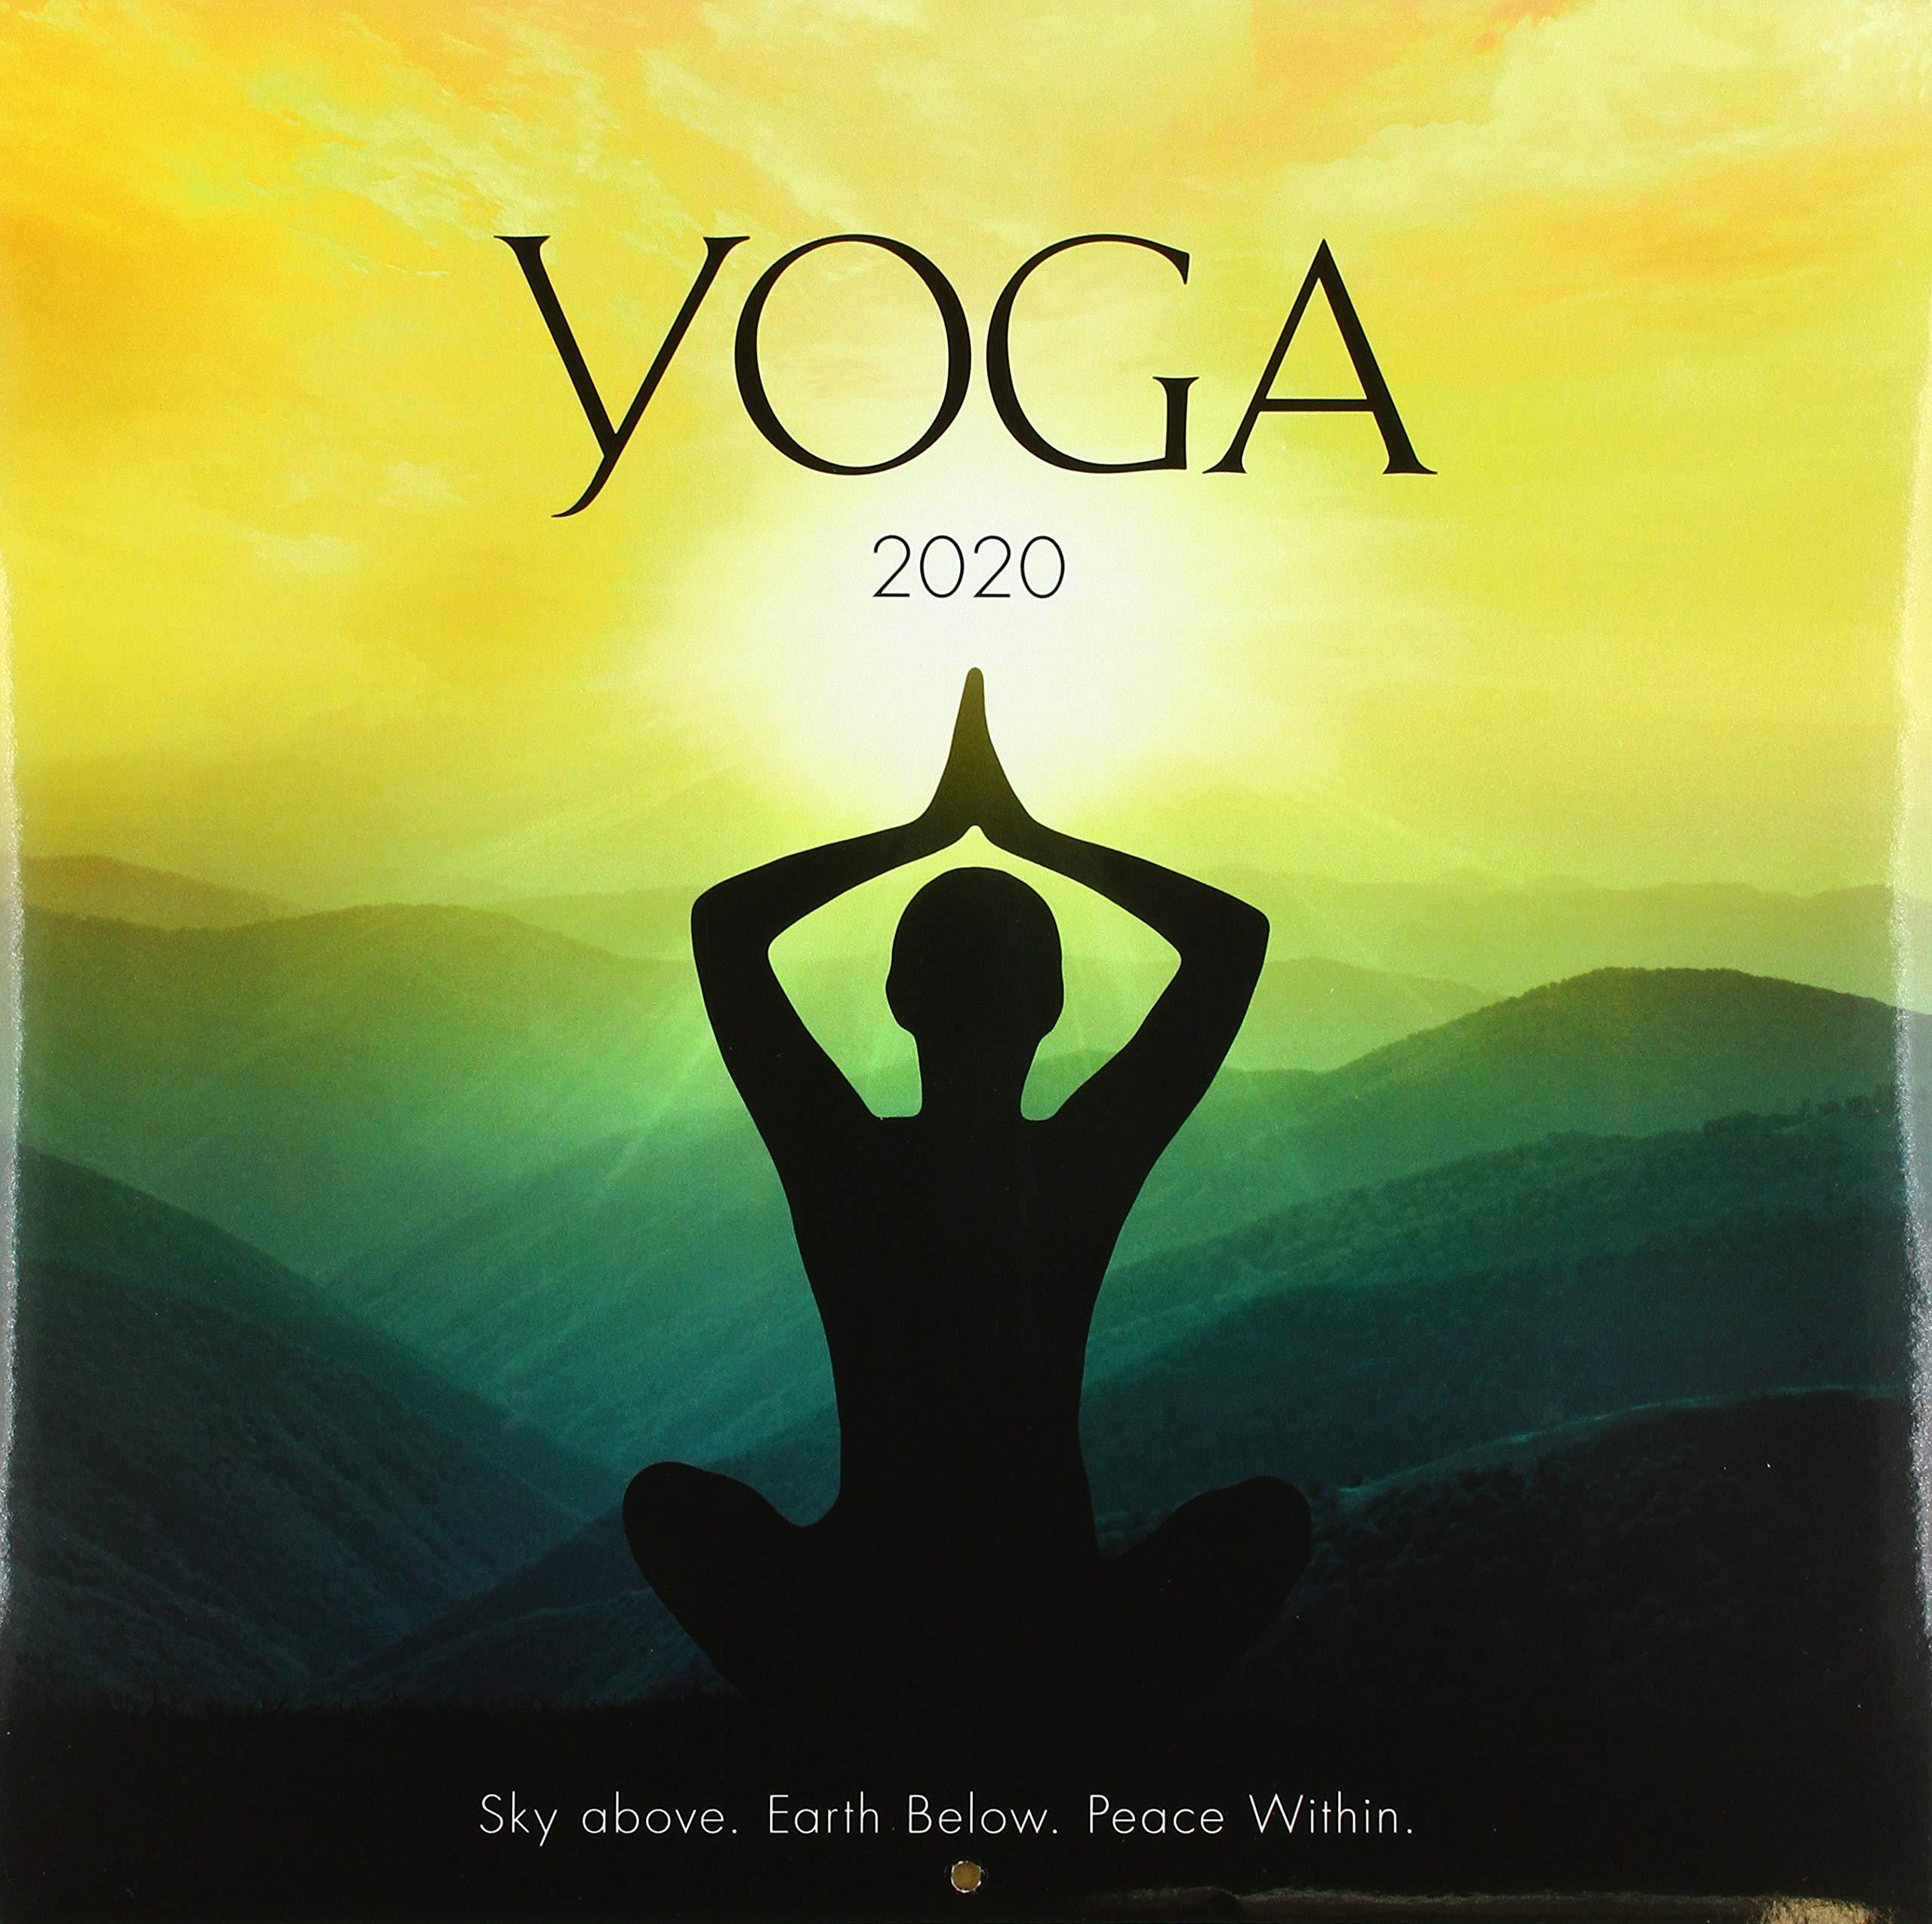 Yoga 2020 Calendar: Amazon.es: Inc. Lang Companies: Libros ...